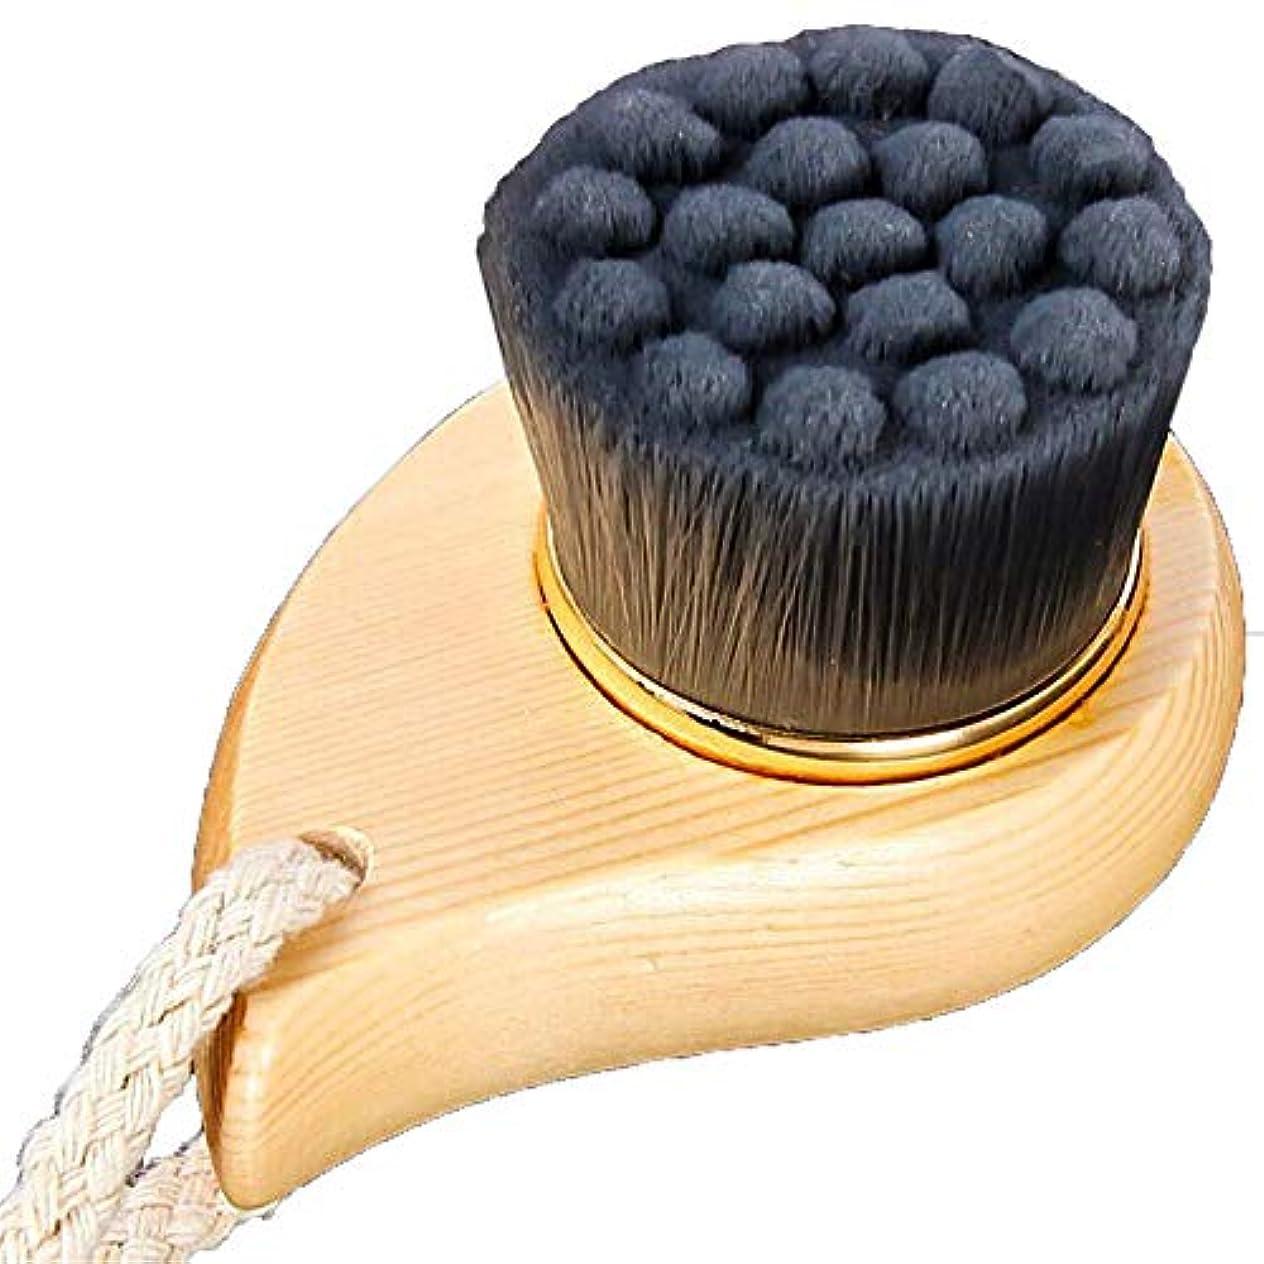 深さアンプ発疹洗顔ブラシ 深い毛穴のための柔らかい剛毛の表面クリーニングの美のブラシの清潔になることの美顔術のブラシ ディープクレンジングスキンケア用